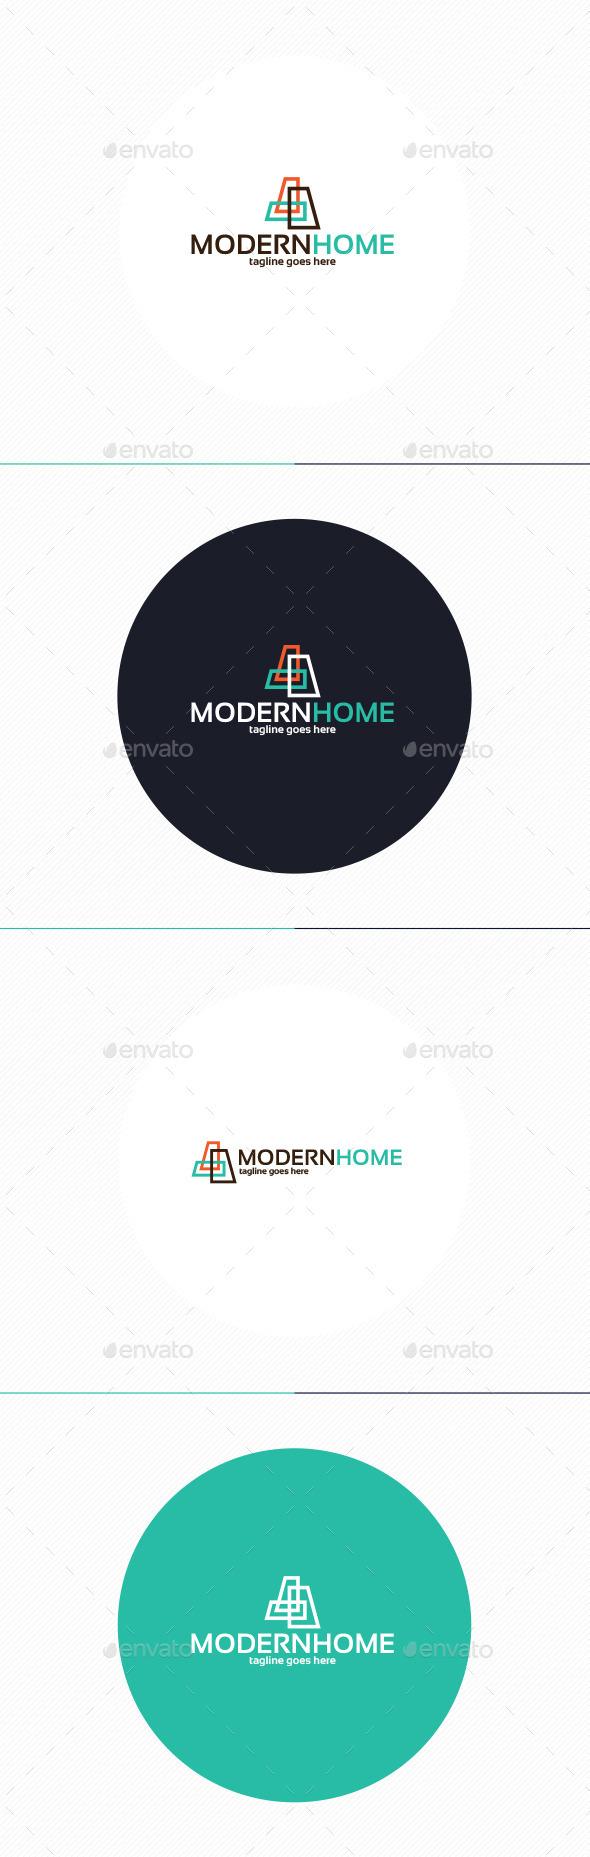 GraphicRiver Modern Home Logo 10593485